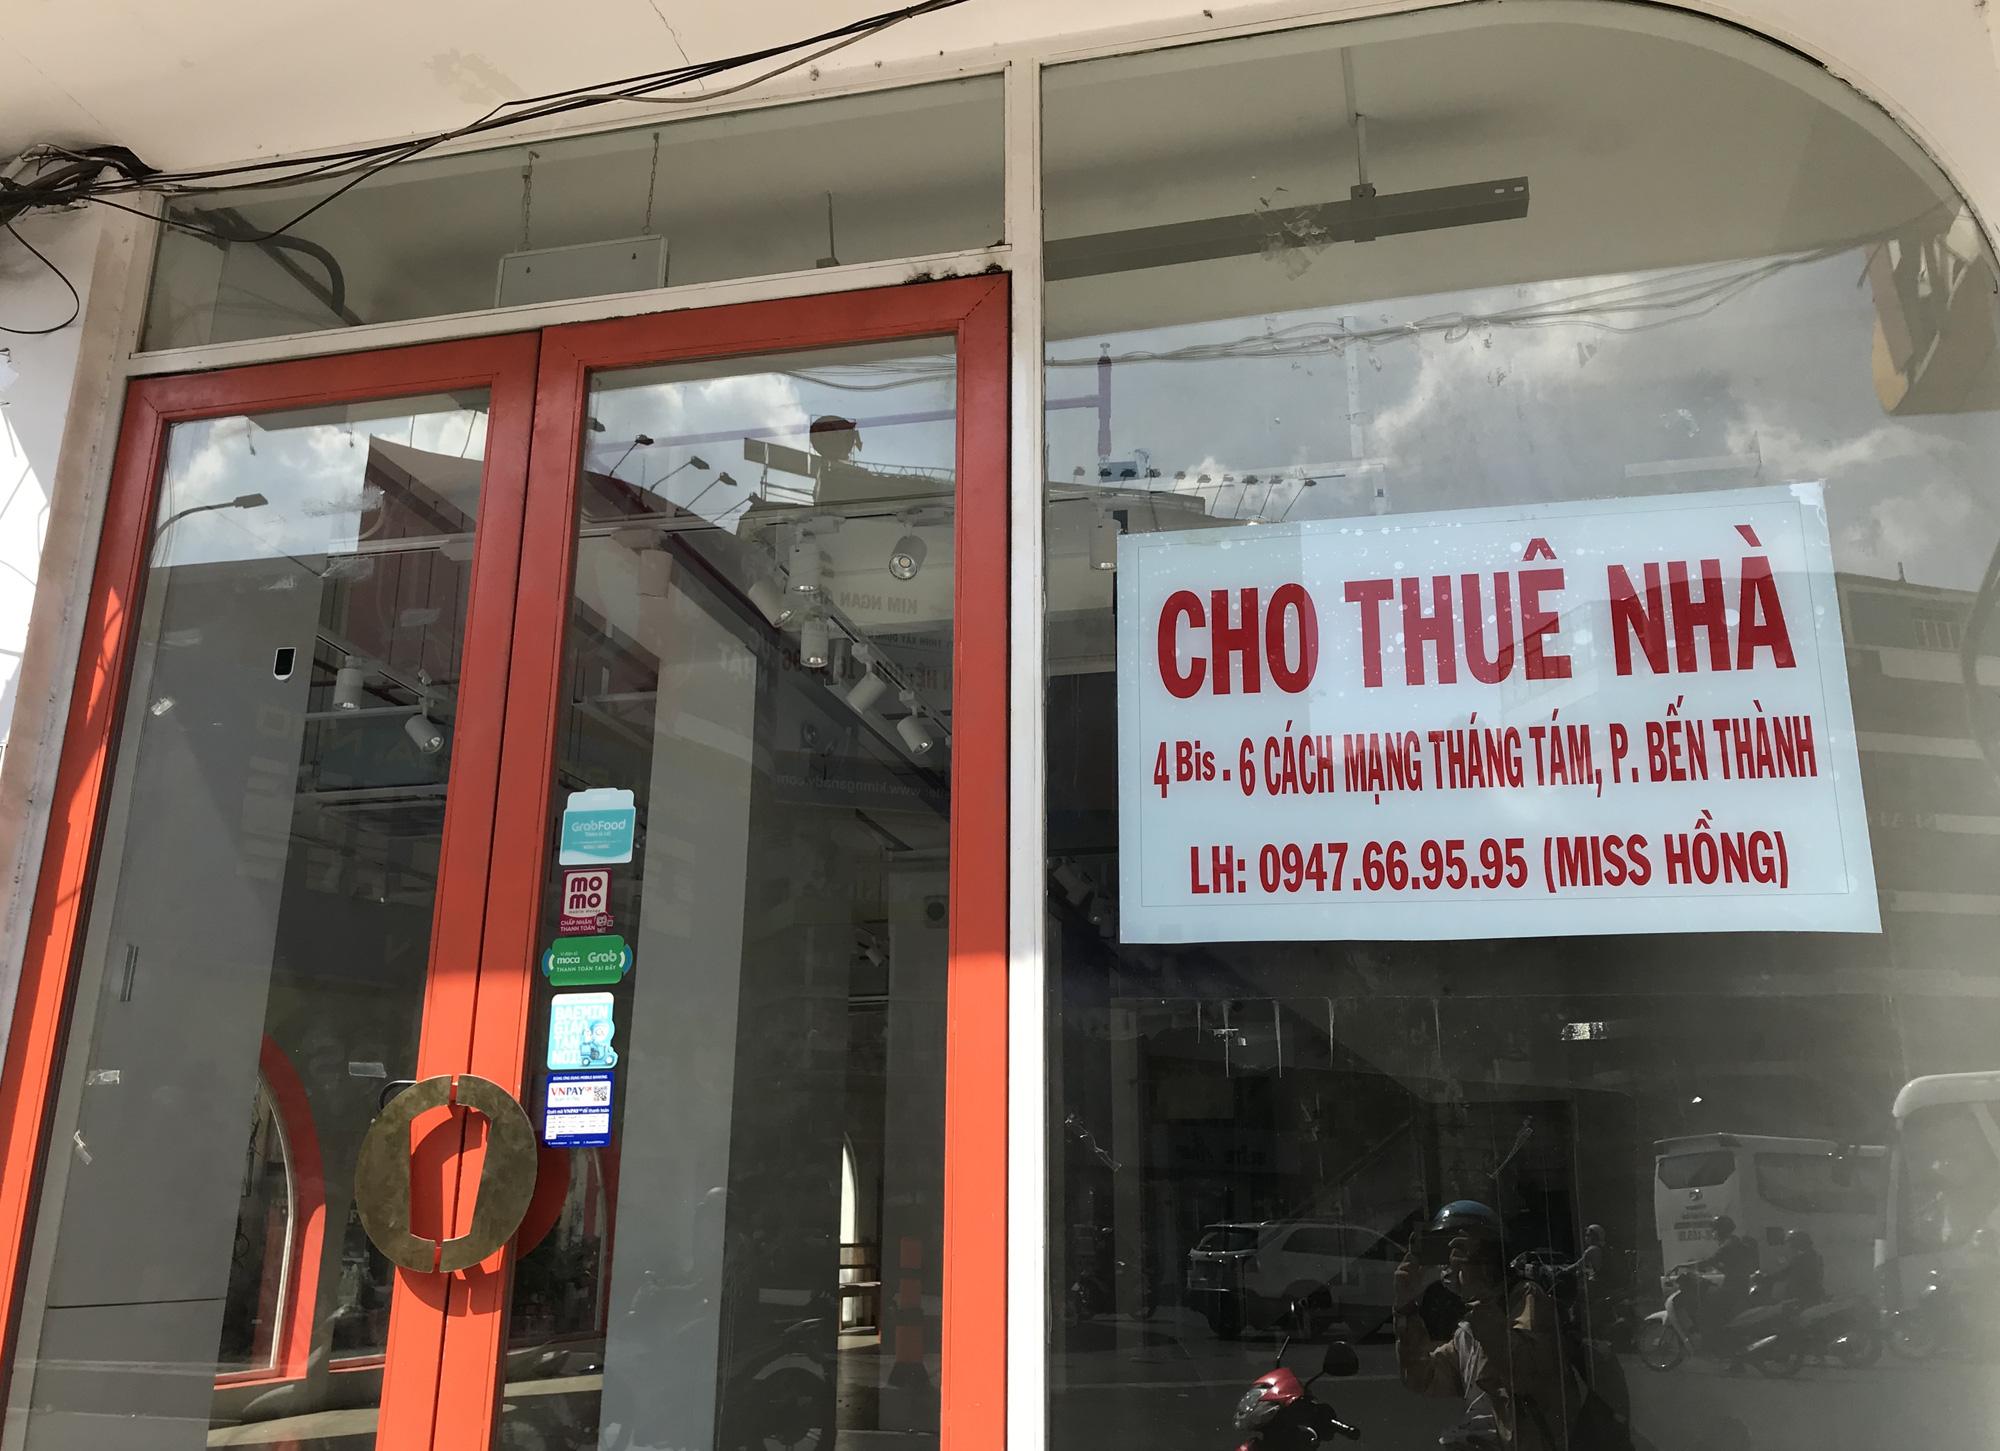 Hình ảnh loạt cửa hàng Toocha, sữa đậu nành Mr Bean của Shark Thủy, thậm chí 7-Eleven cũng đóng cửa vì Covid-19 - Ảnh 3.